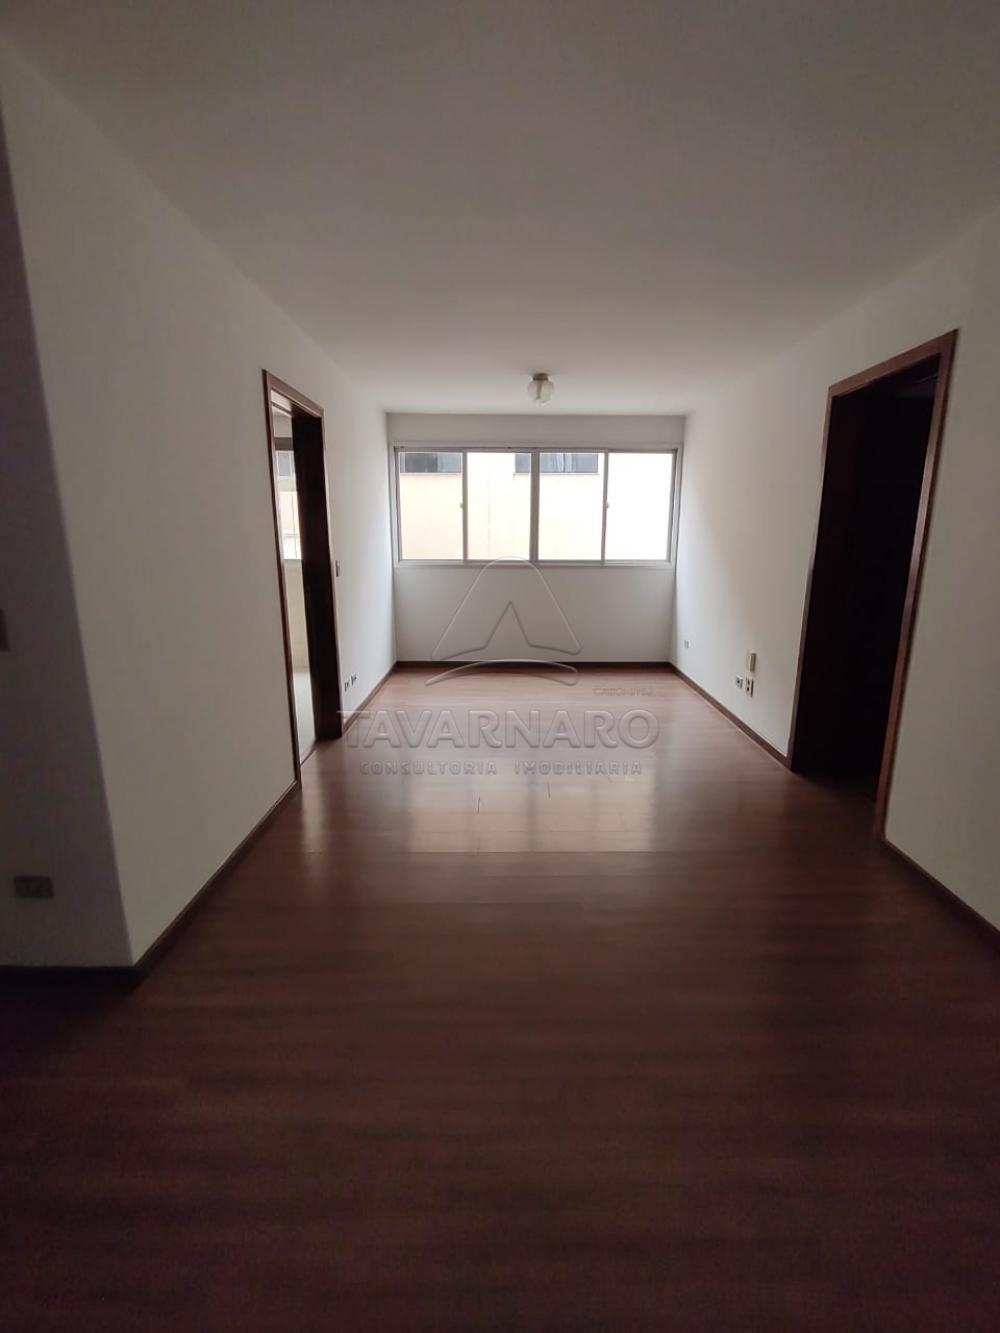 Alugar Apartamento / Padrão em Ponta Grossa R$ 750,00 - Foto 22